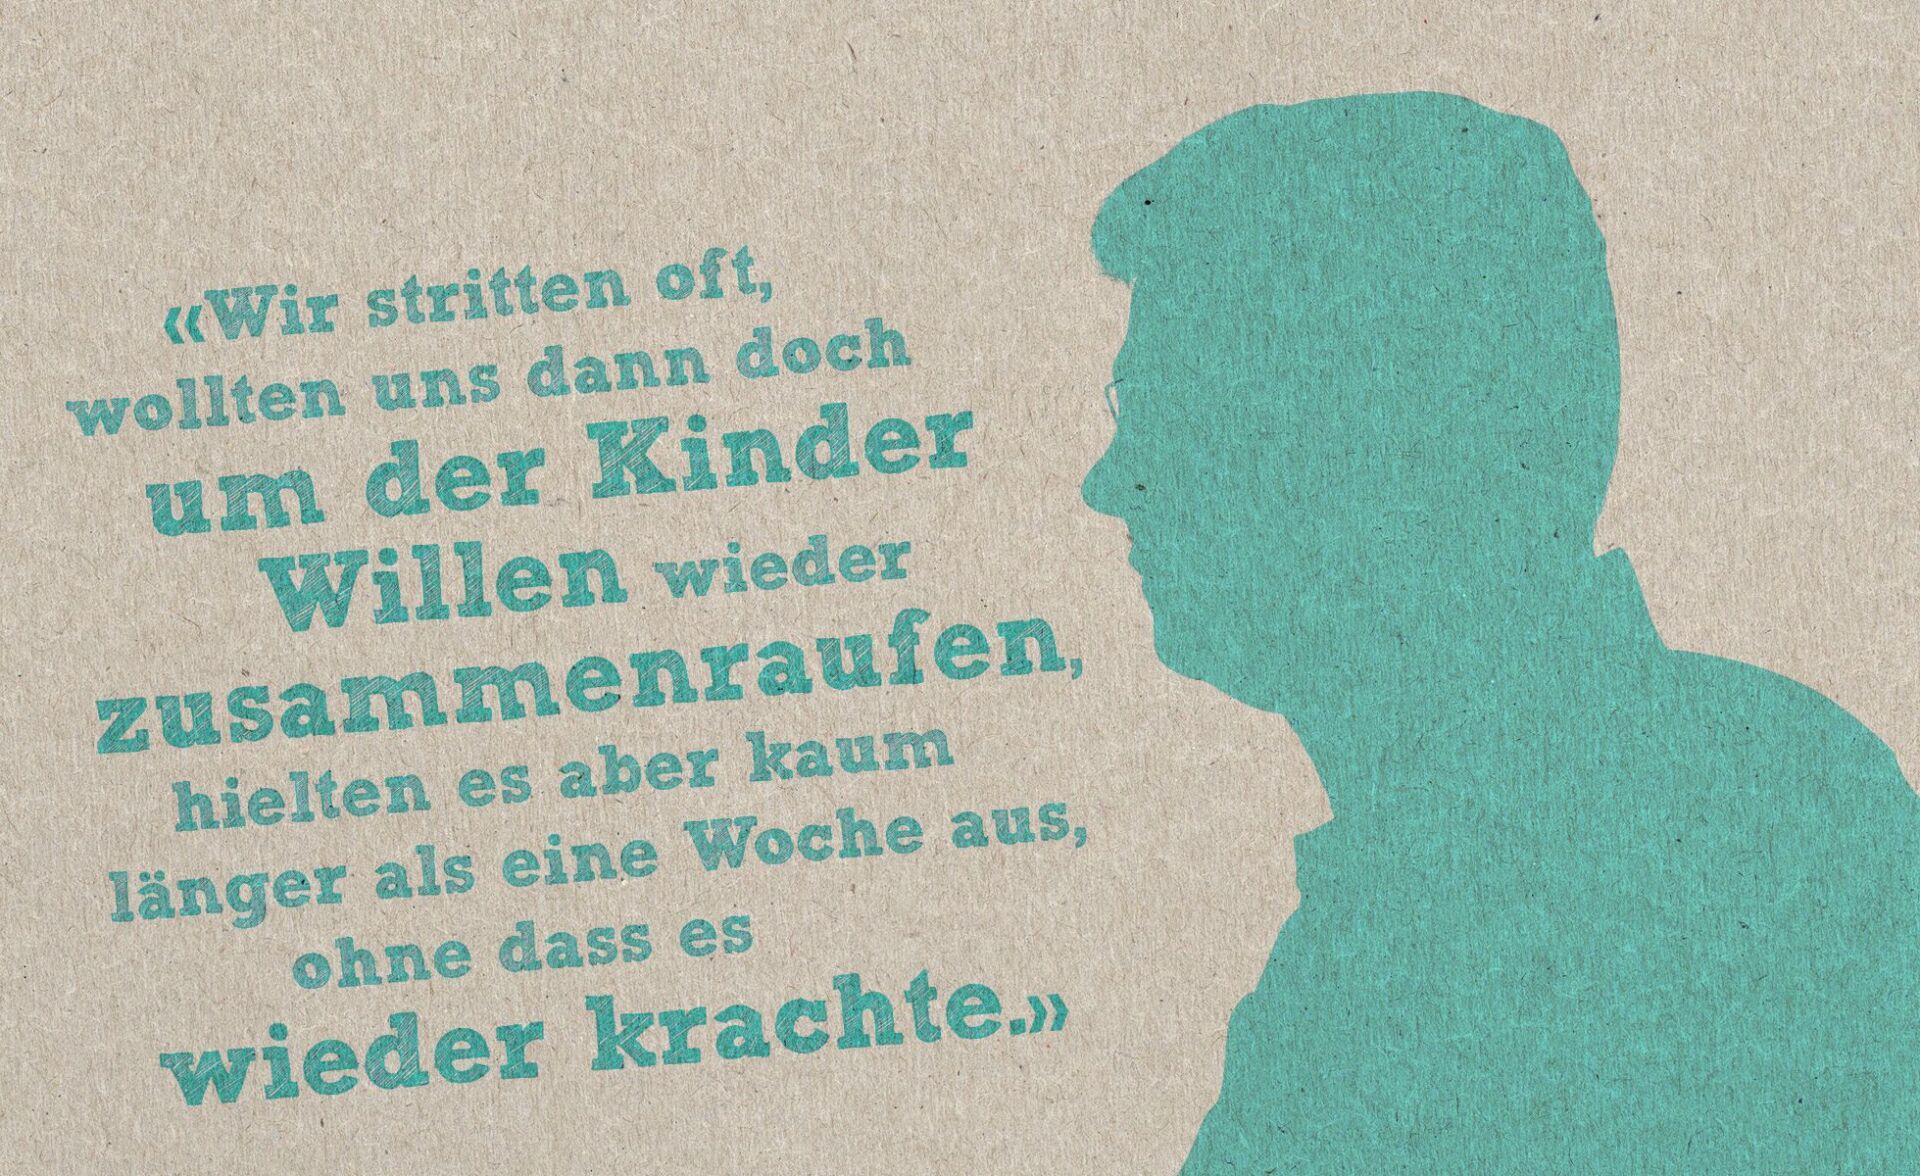 Silhouette eines Mannes in der Farbe petrol auf beigem Hintergrund. Links davon ein Zitat.